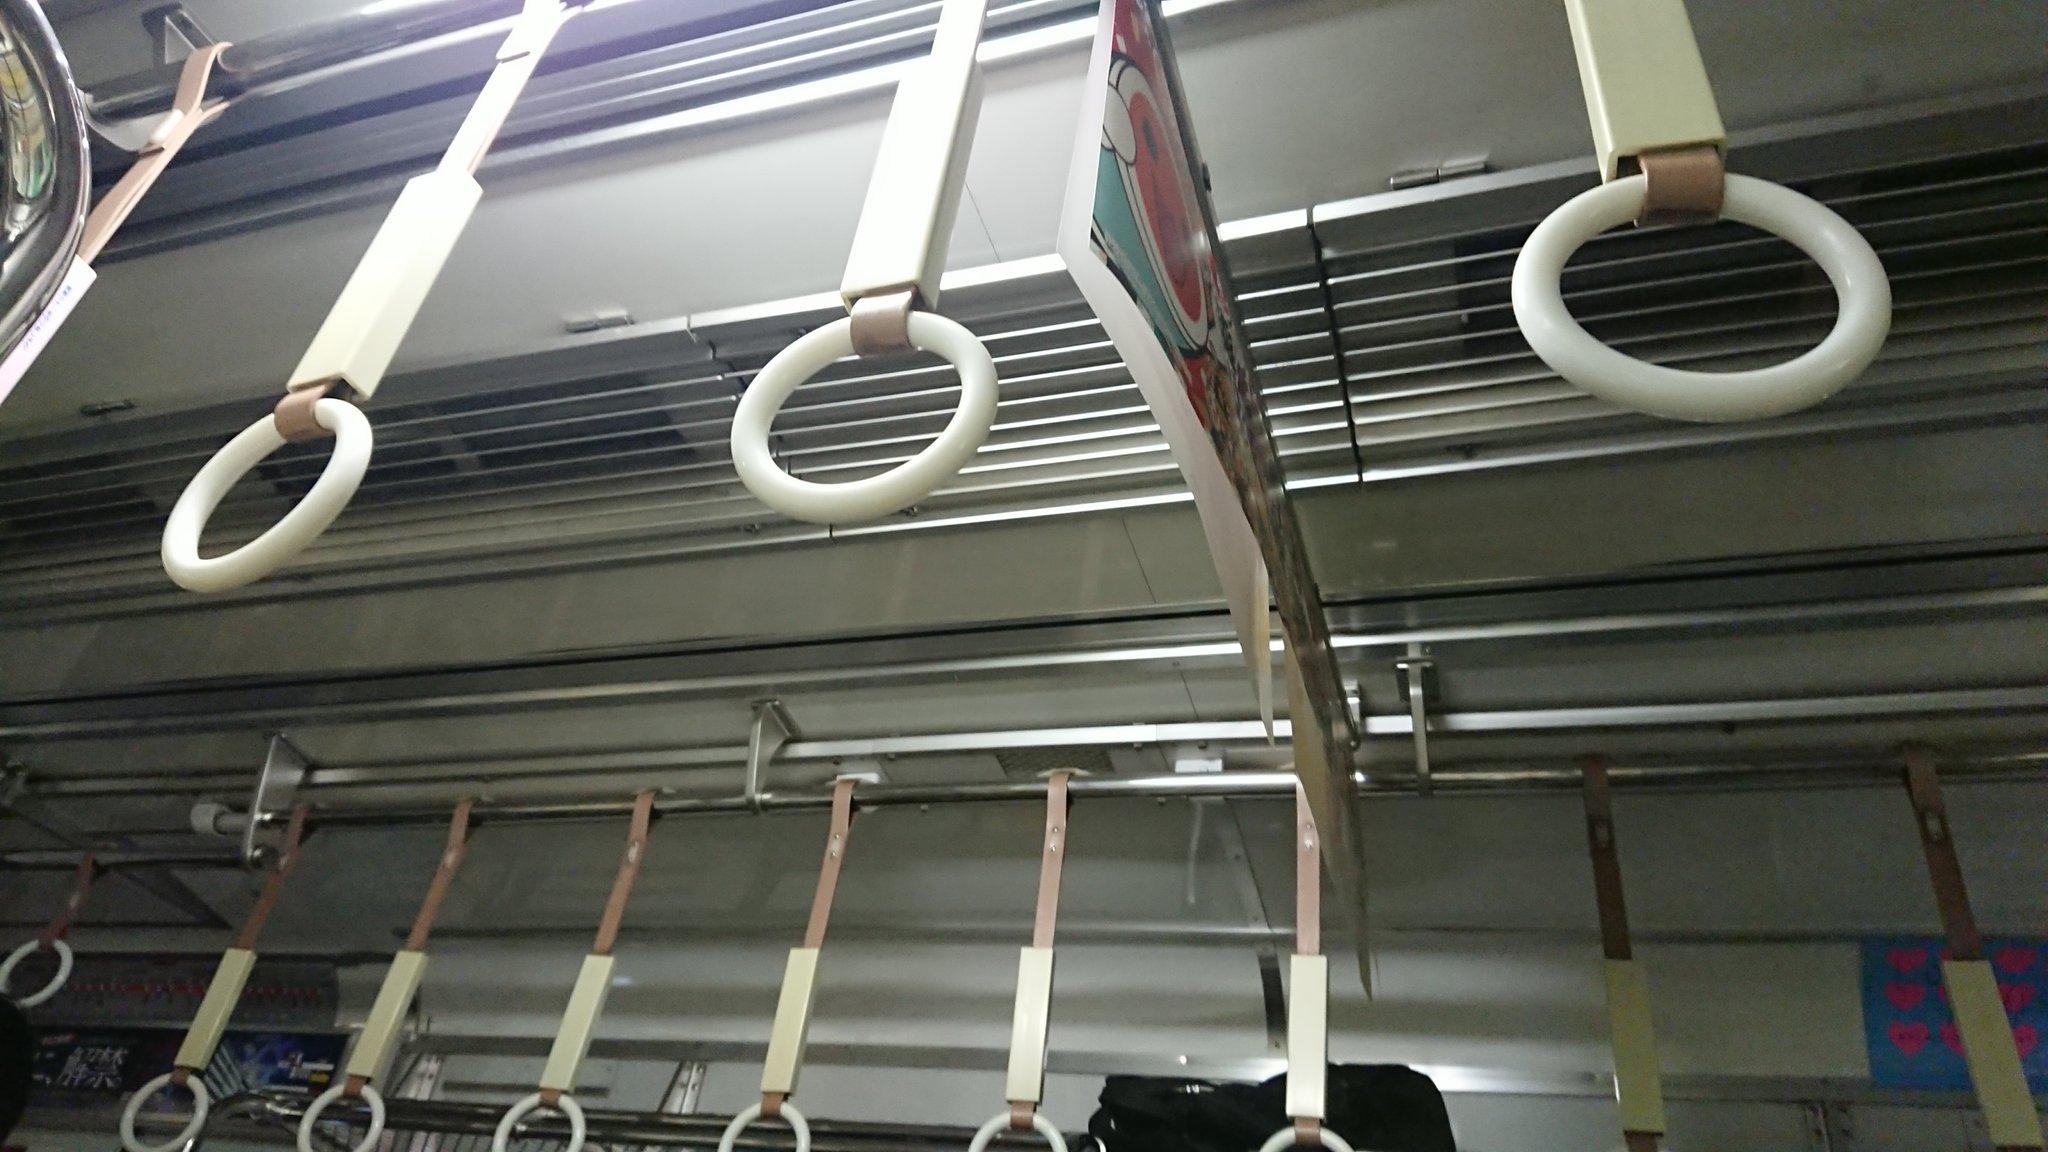 画像,御堂筋線、昭和町で人身事故なう!救助のため停電作業ちう#御堂筋線#人身事故 https://t.co/xEH90ZYfD2…